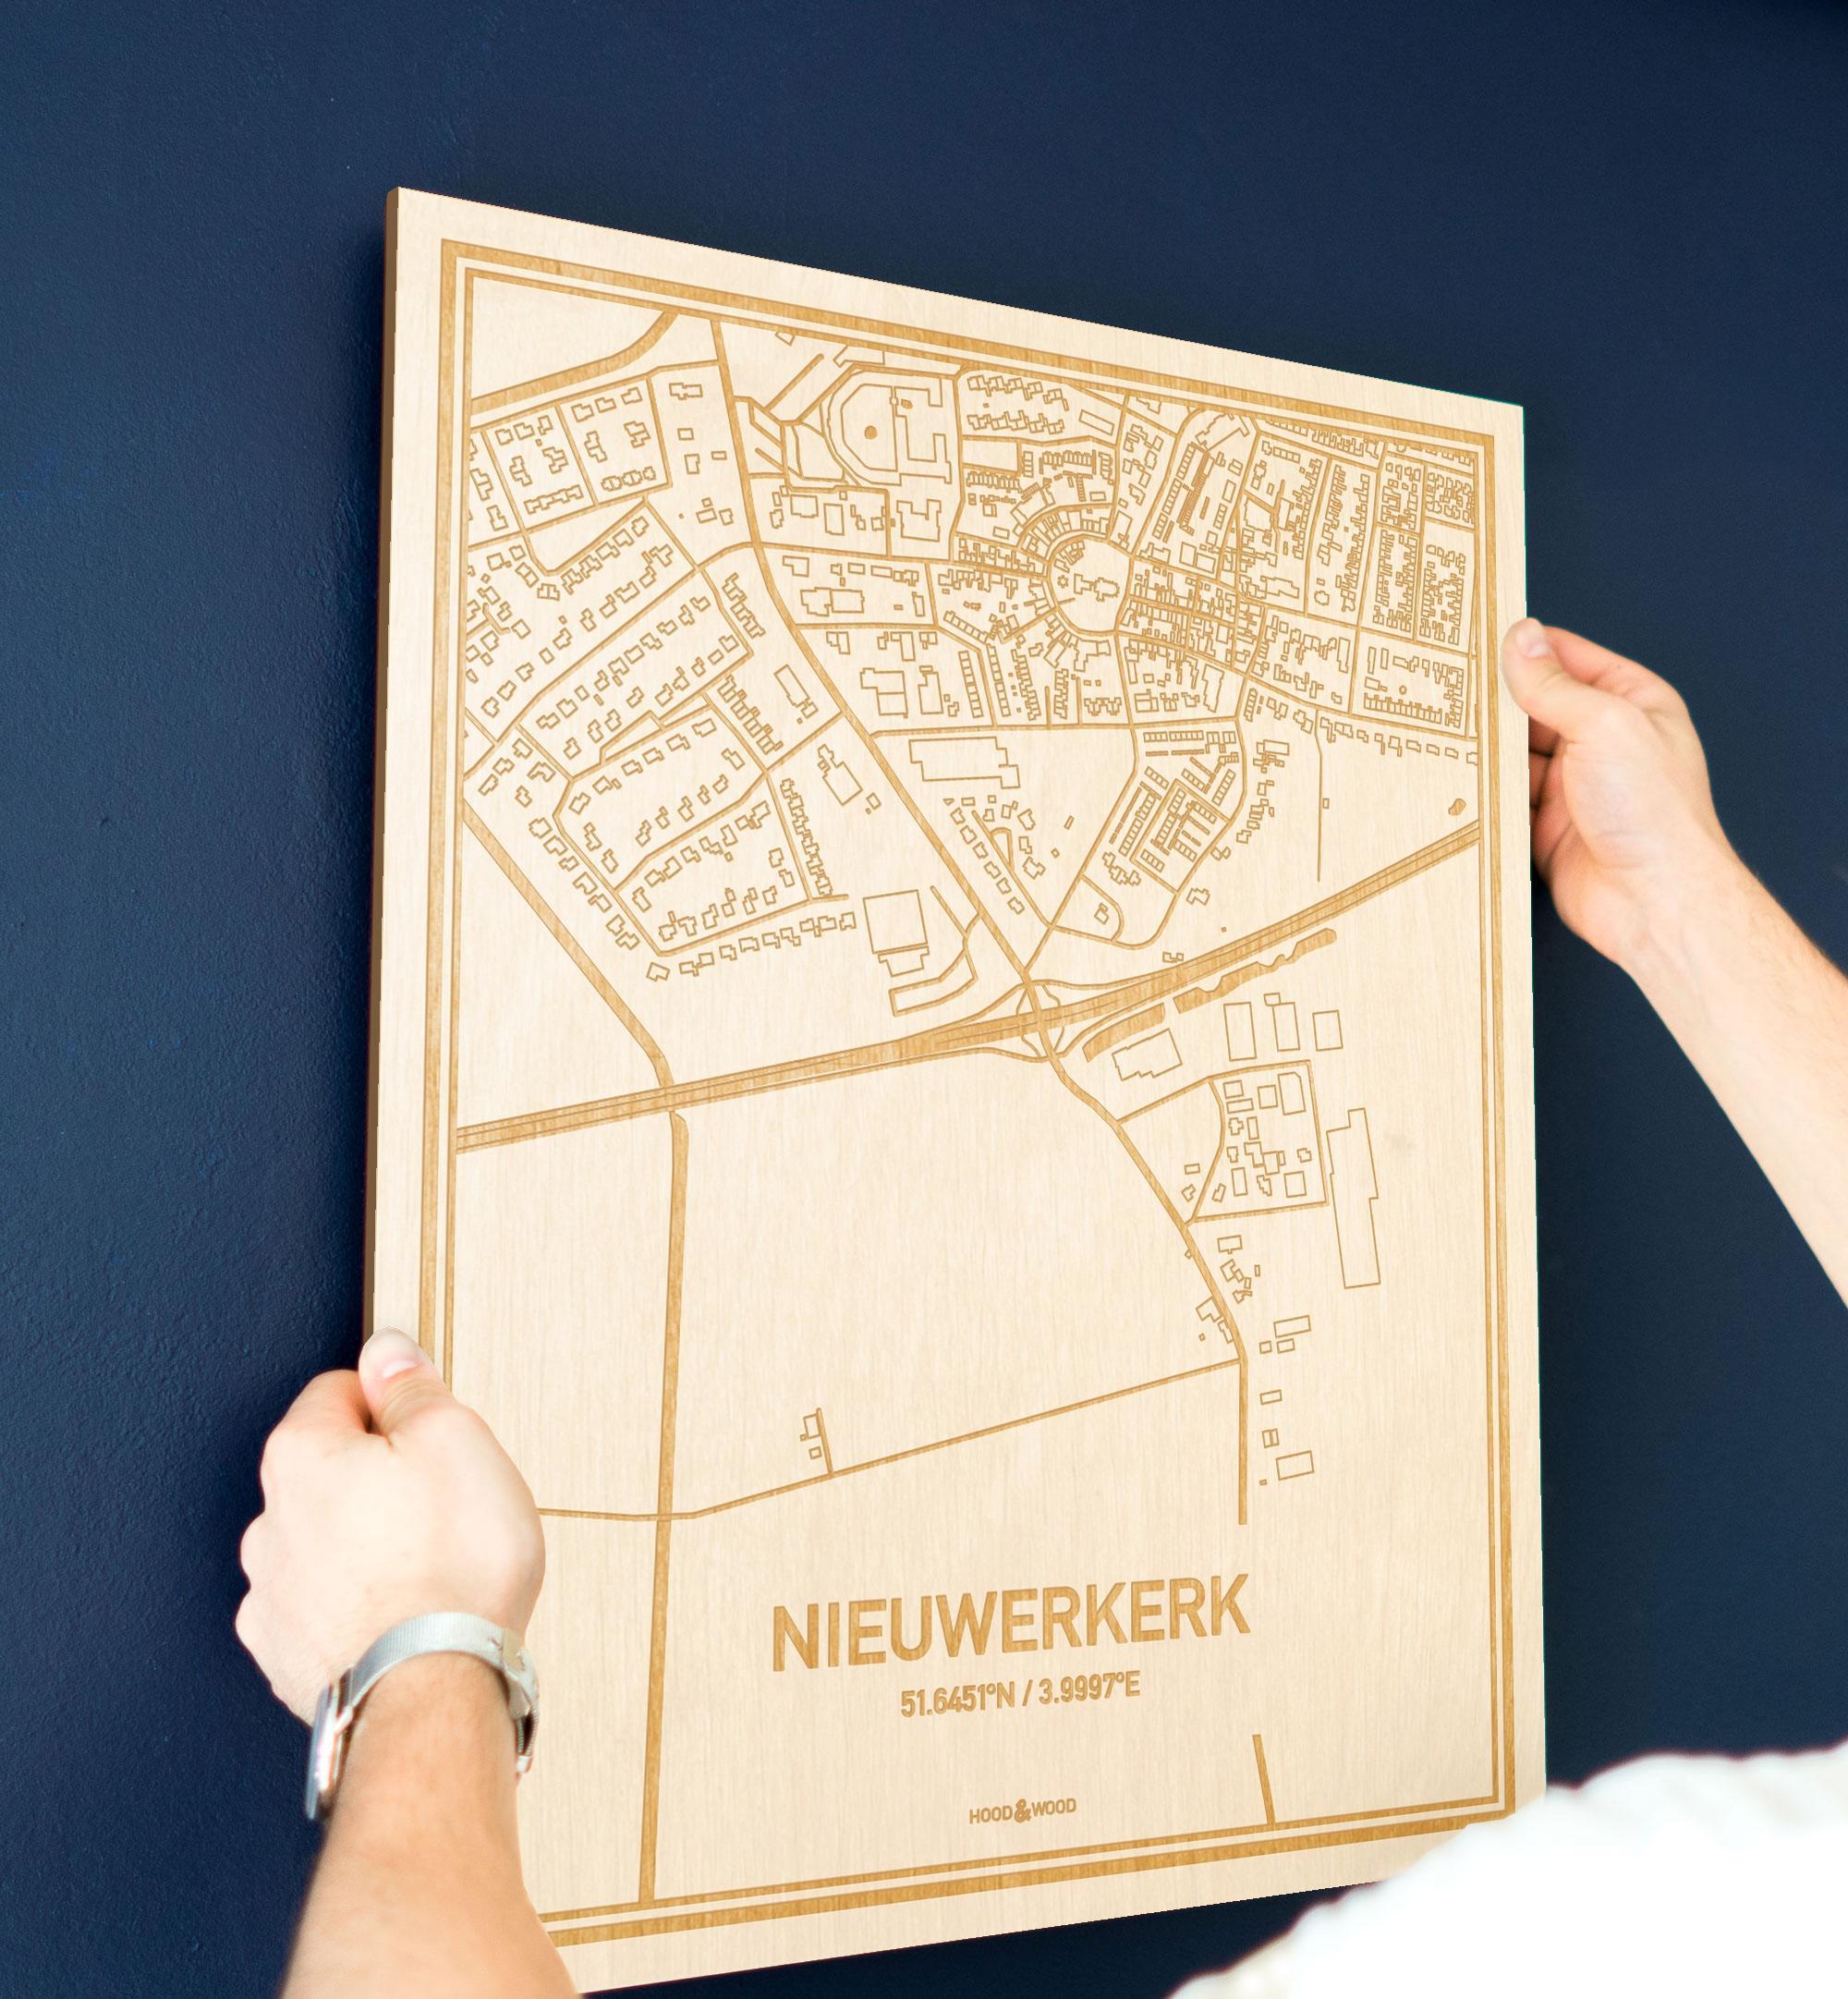 Een man hangt de houten plattegrond Nieuwerkerk aan zijn blauwe muur ter decoratie. Je ziet alleen zijn handen de kaart van deze verrassende in Zeeland vasthouden.